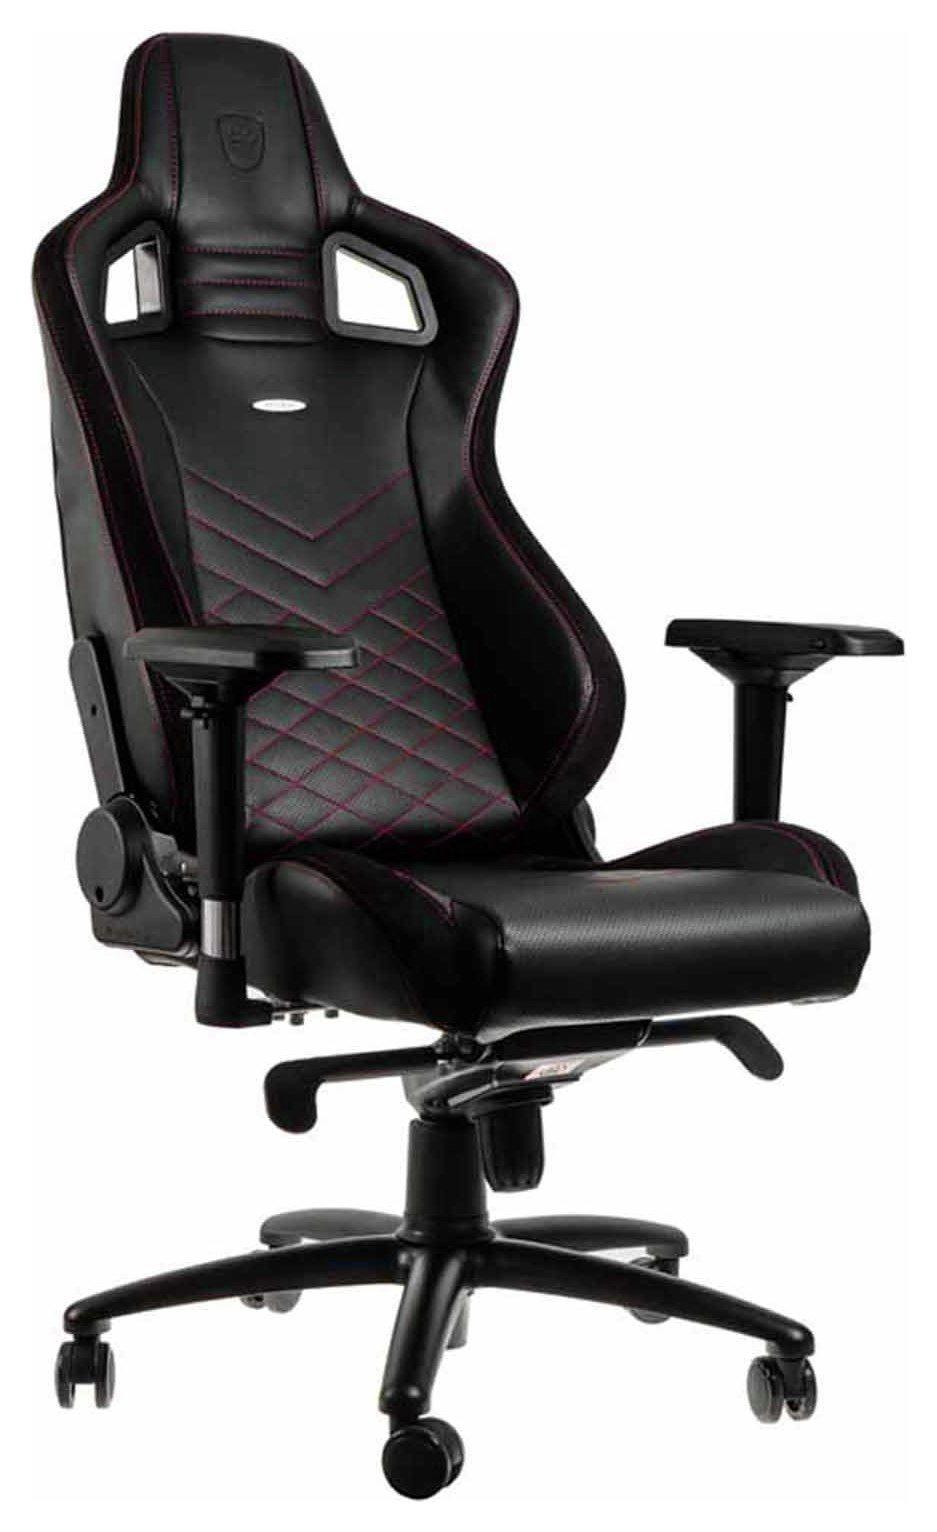 Tremendous Noblechairs Epic Gaming Black Red Gaming Chair 6869726 Inzonedesignstudio Interior Chair Design Inzonedesignstudiocom